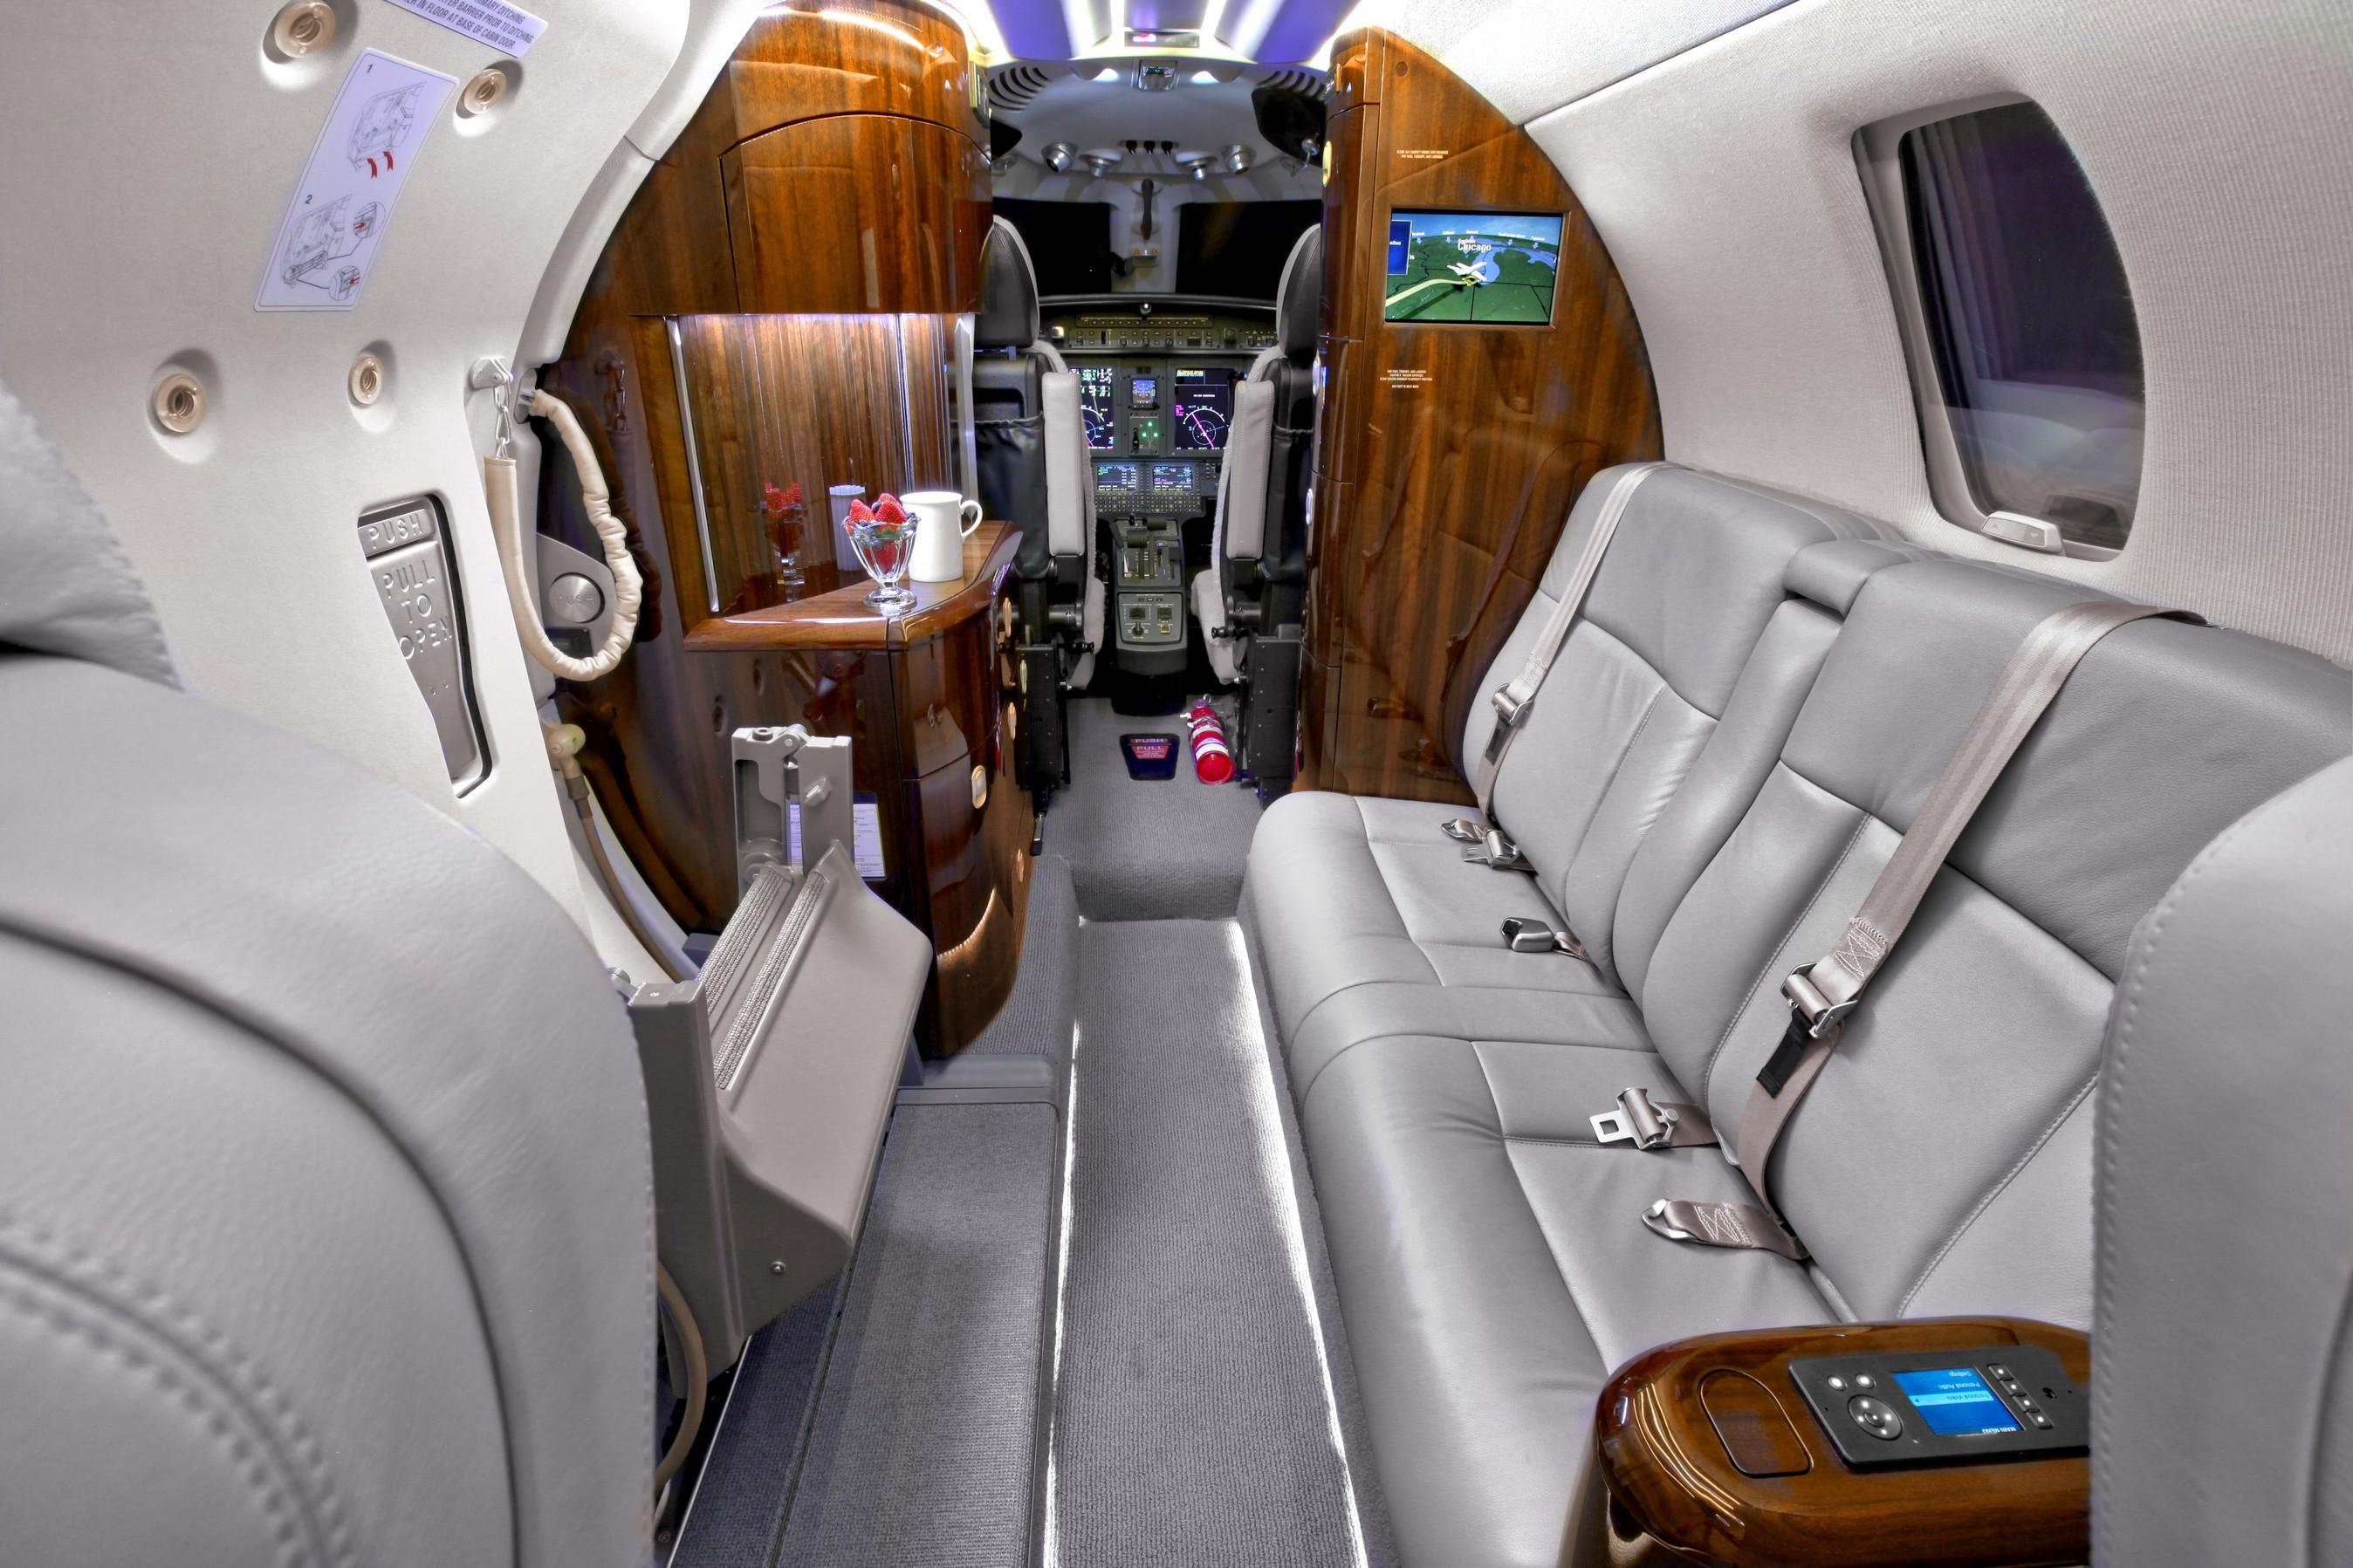 Premier Jet Aviation Jetav 2011 Cessna Cj4 S N 525c 0030 Sold